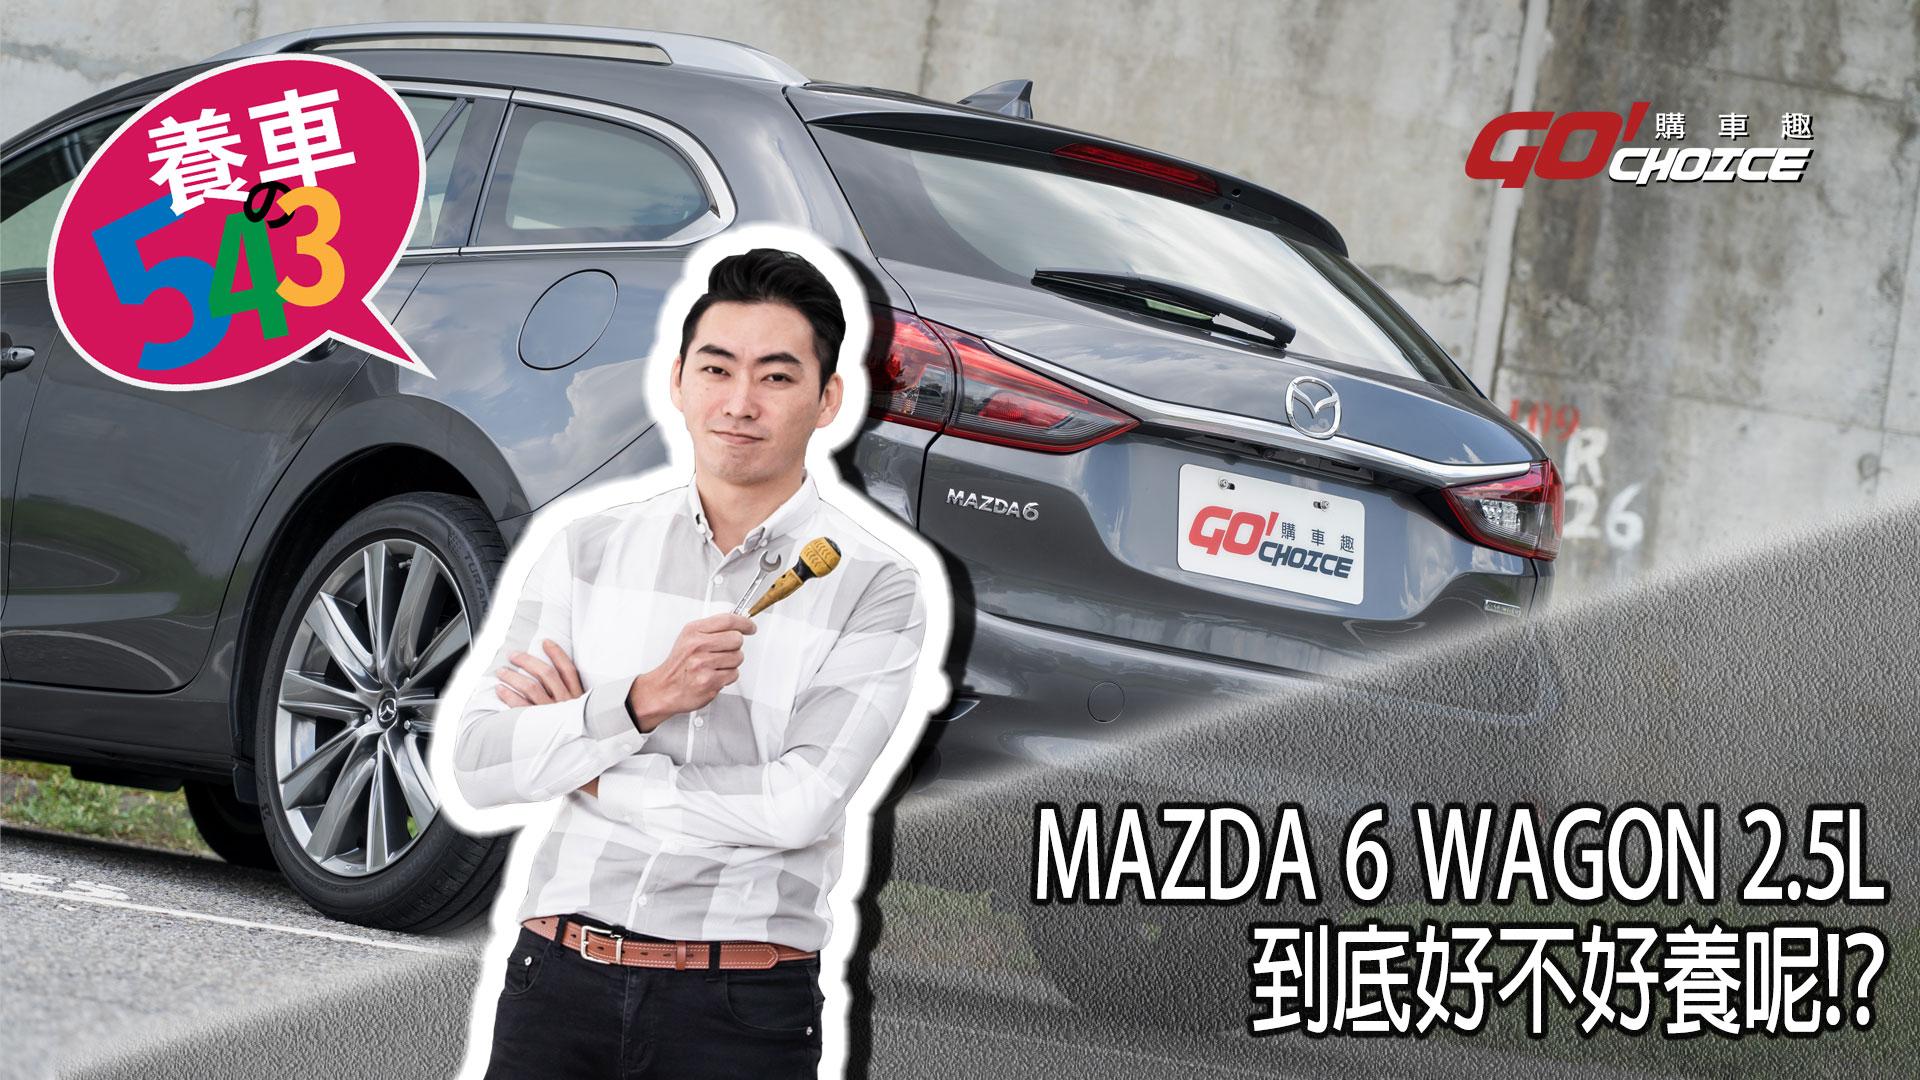 養車543-Mazda 6 Wagon 2.5L(第十七集)